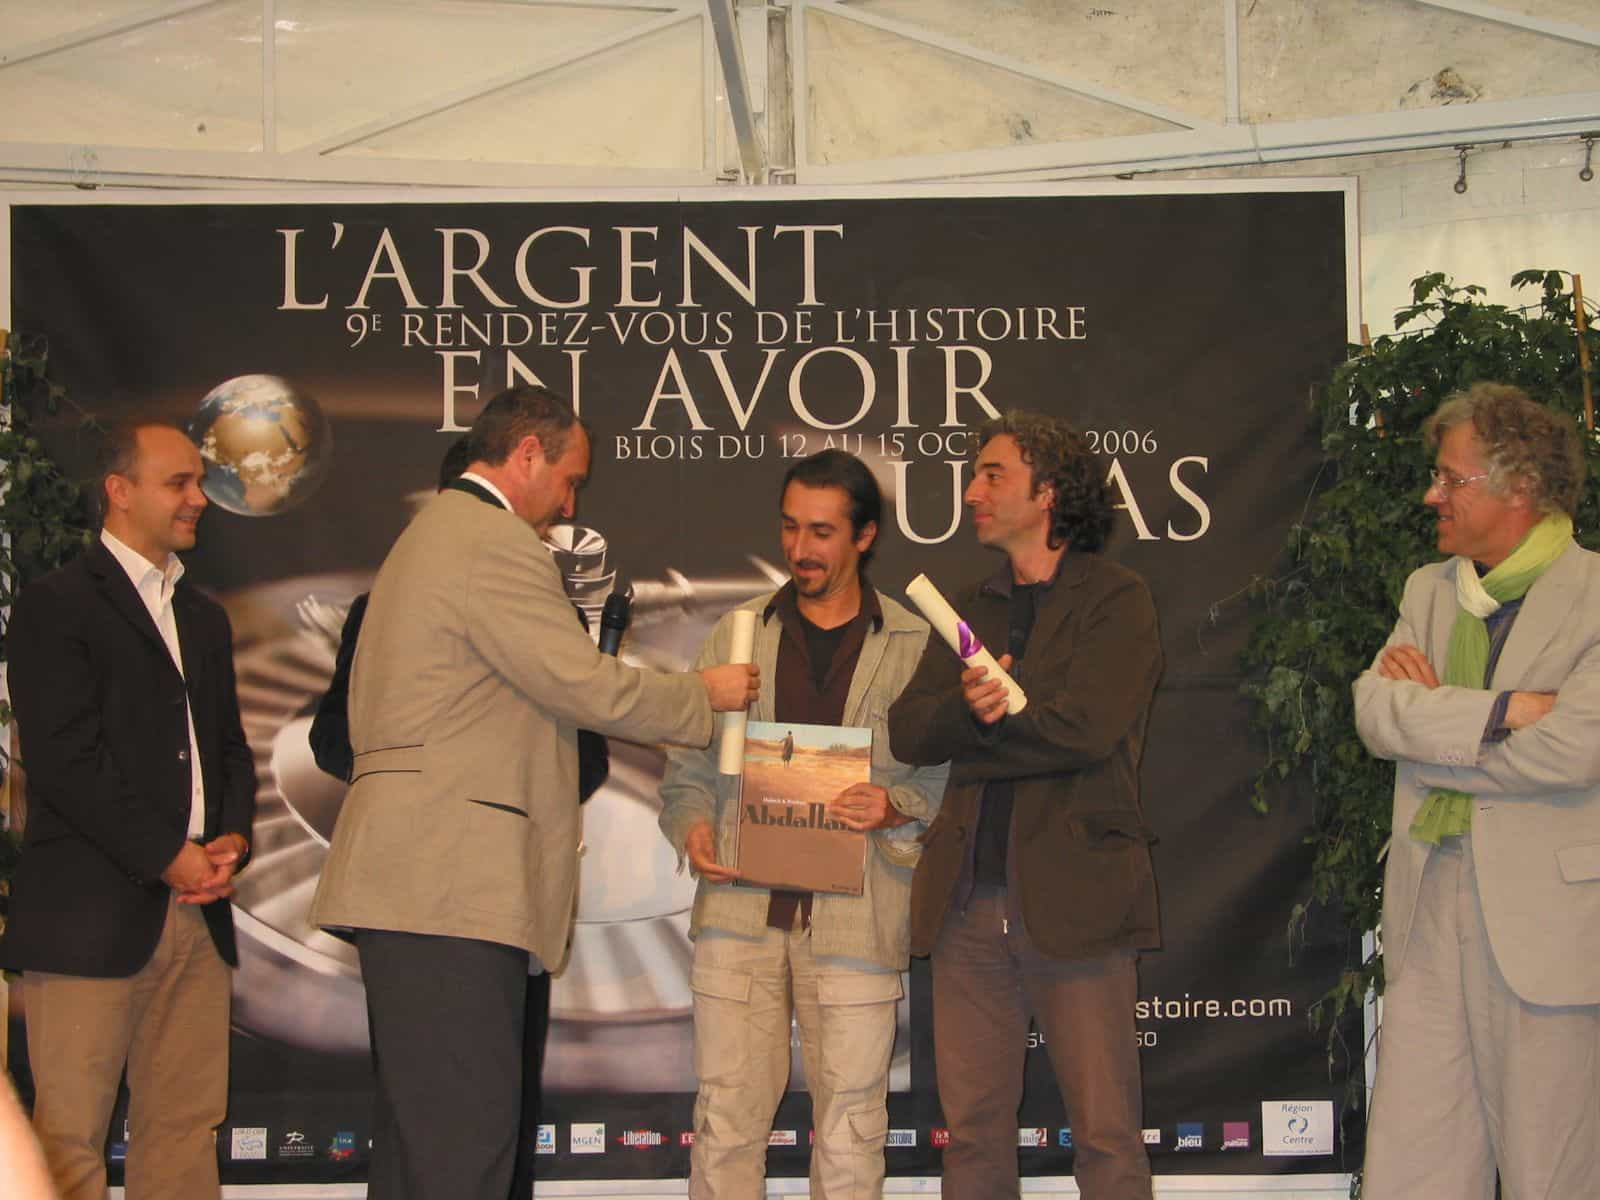 Prix de la bande dessinée historique de Blois : Dabtitch et Pendanx récompensés pour Abdallahi chez Futuropolis